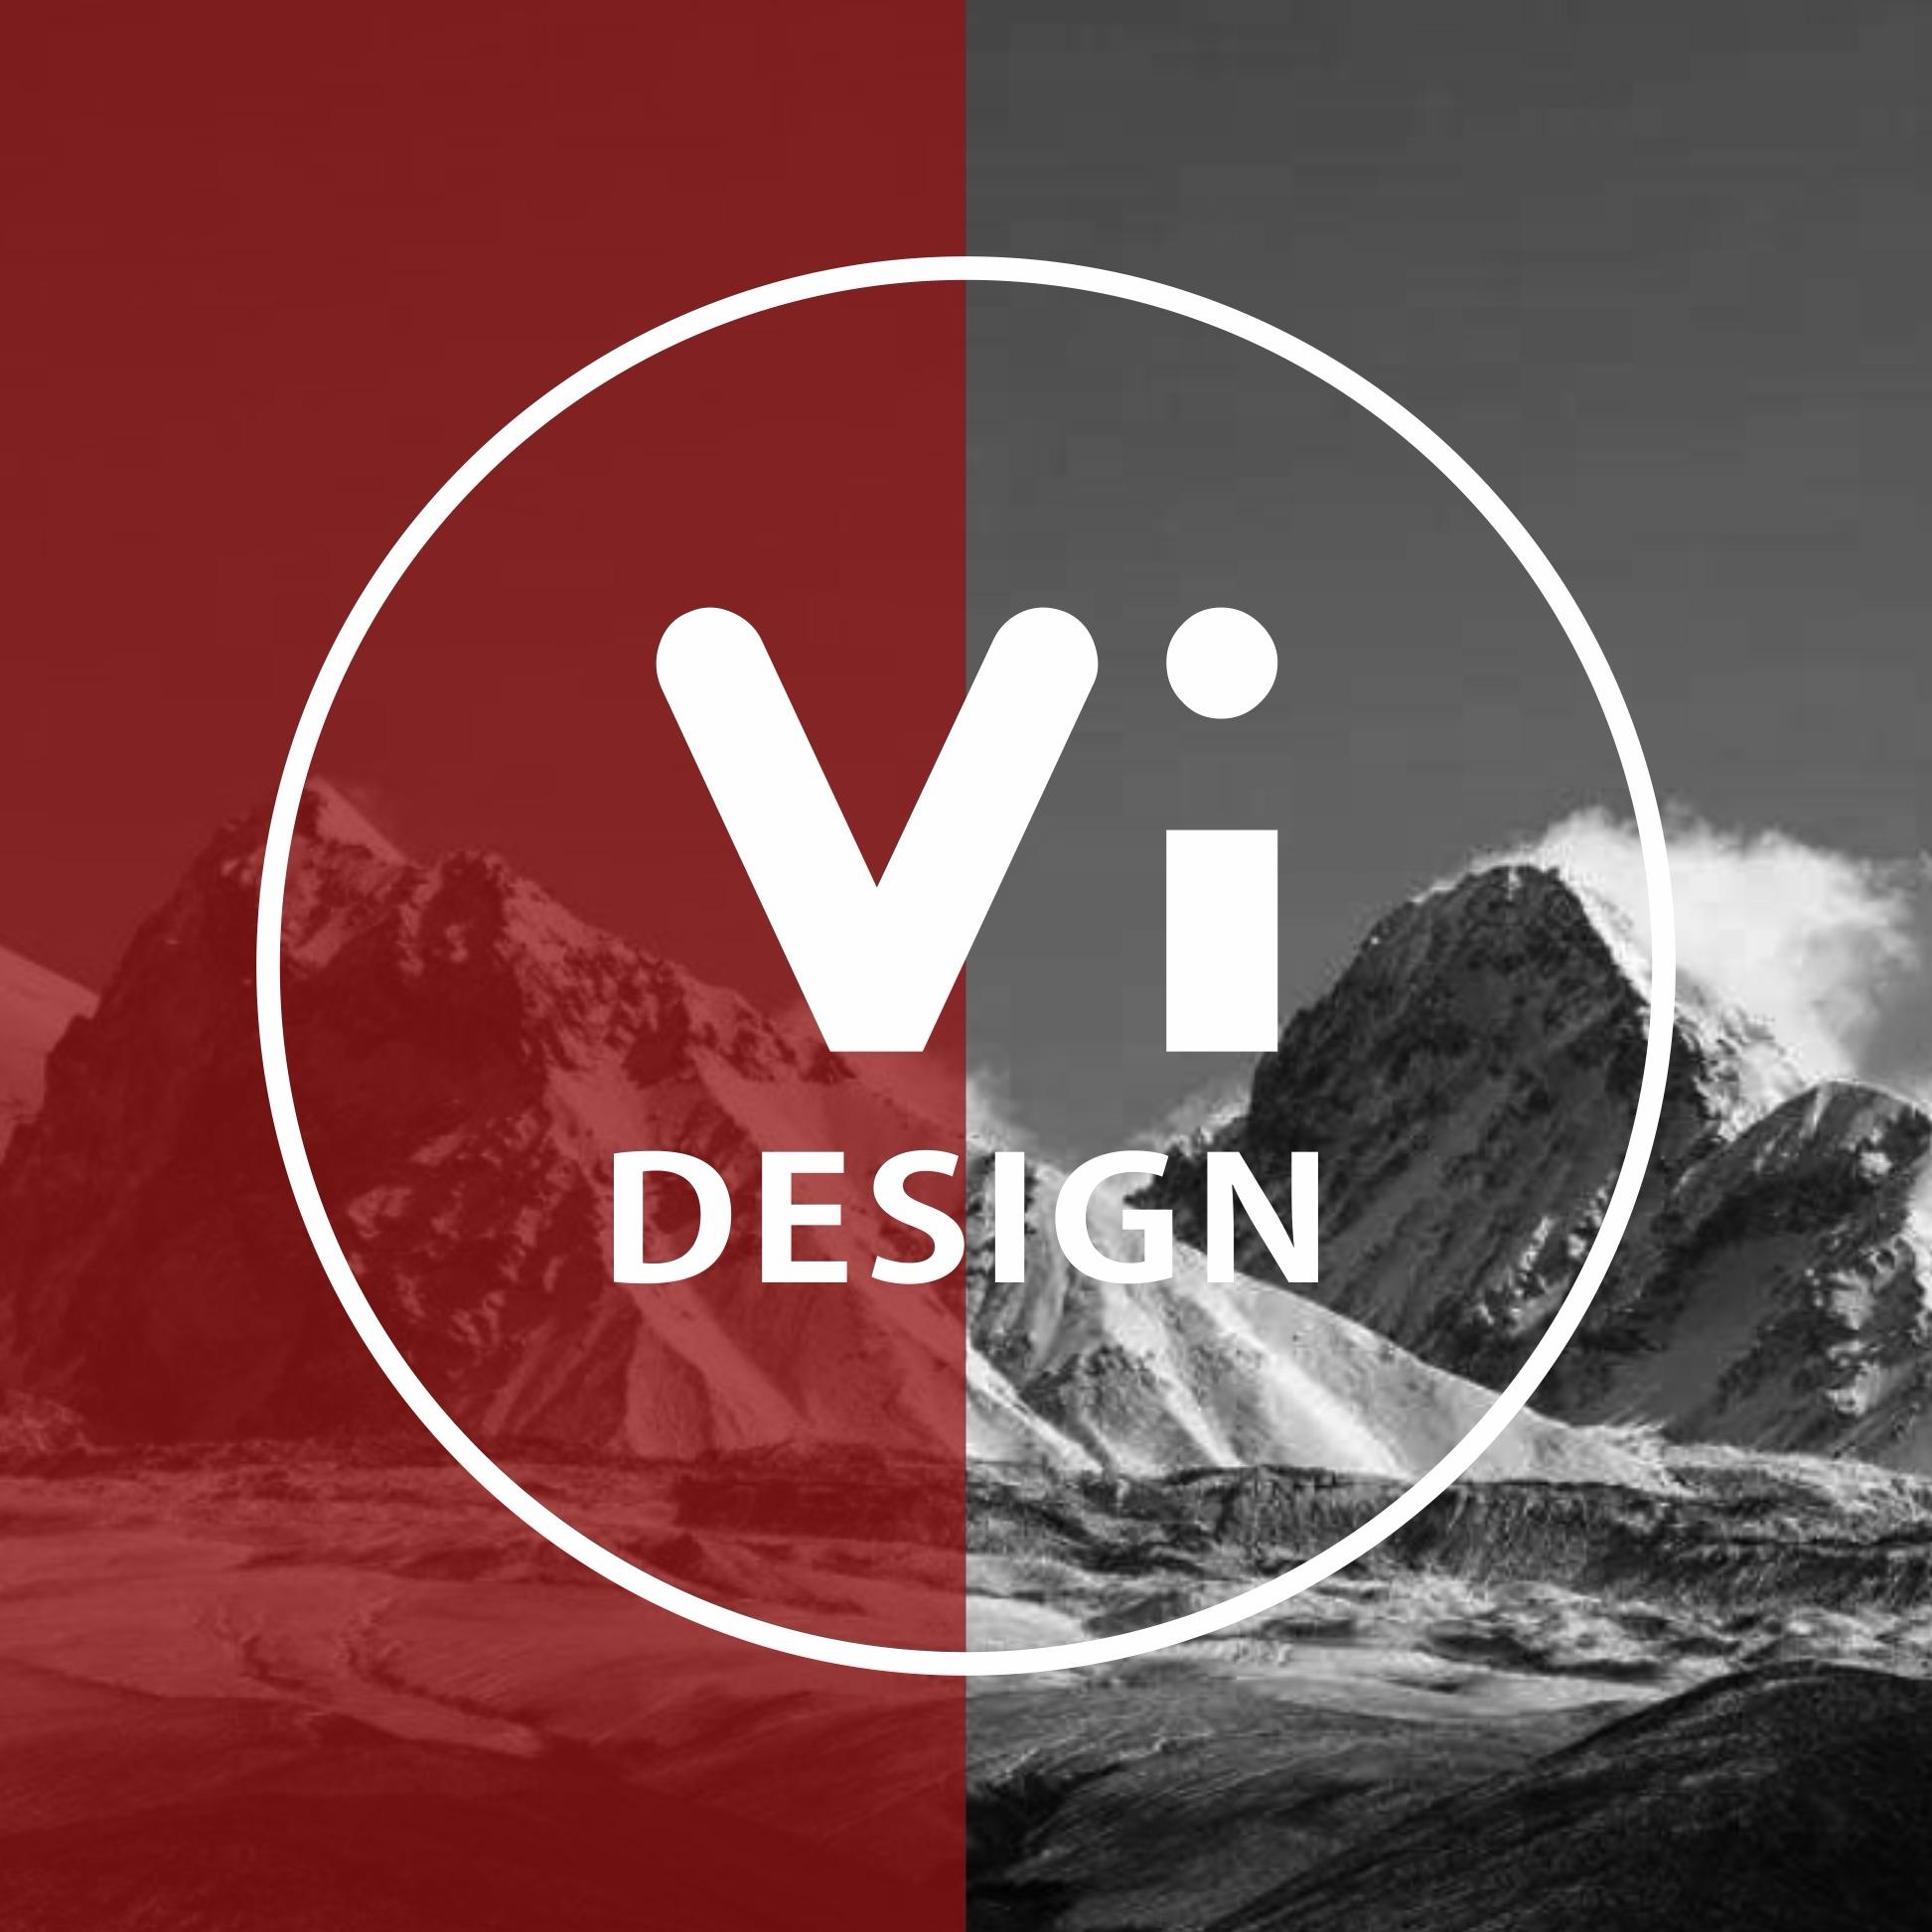 企业 VI 系统 设计  VI 品牌 设计  VI 规范手册 VI 产品手册